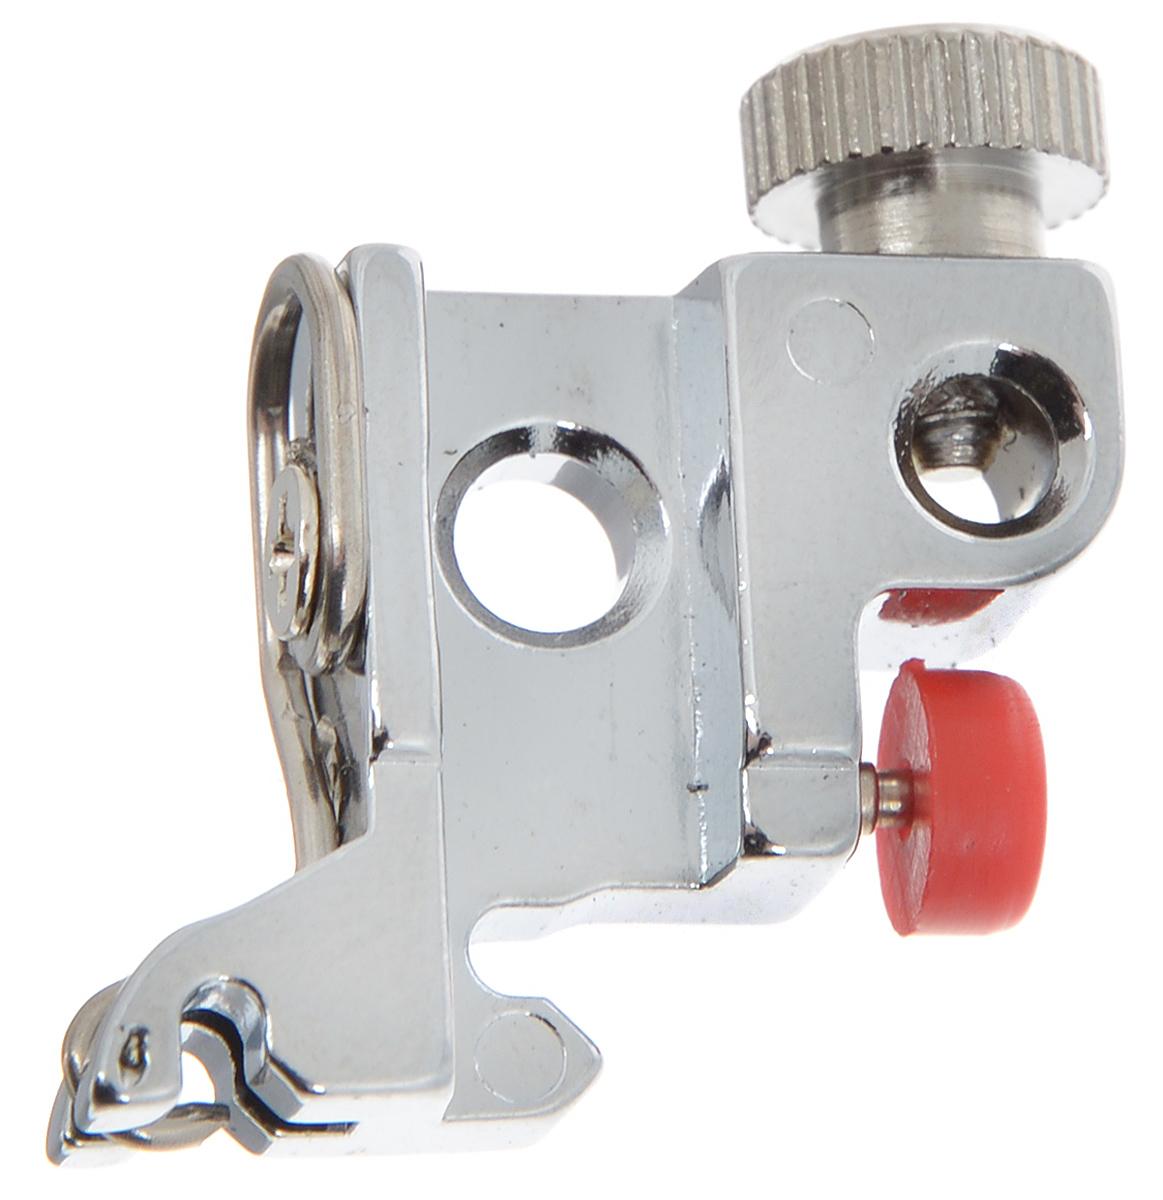 Держатель лапок для швейной машины Aurora, с адаптеромFTN 33Держатель Aurora применяется для быстрой смены лапок для швейных машин. Он устанавливается под винт штока прижимной лапки. Подходит для большинства современных бытовых швейных машин. Инструкция по использованию прилагается.